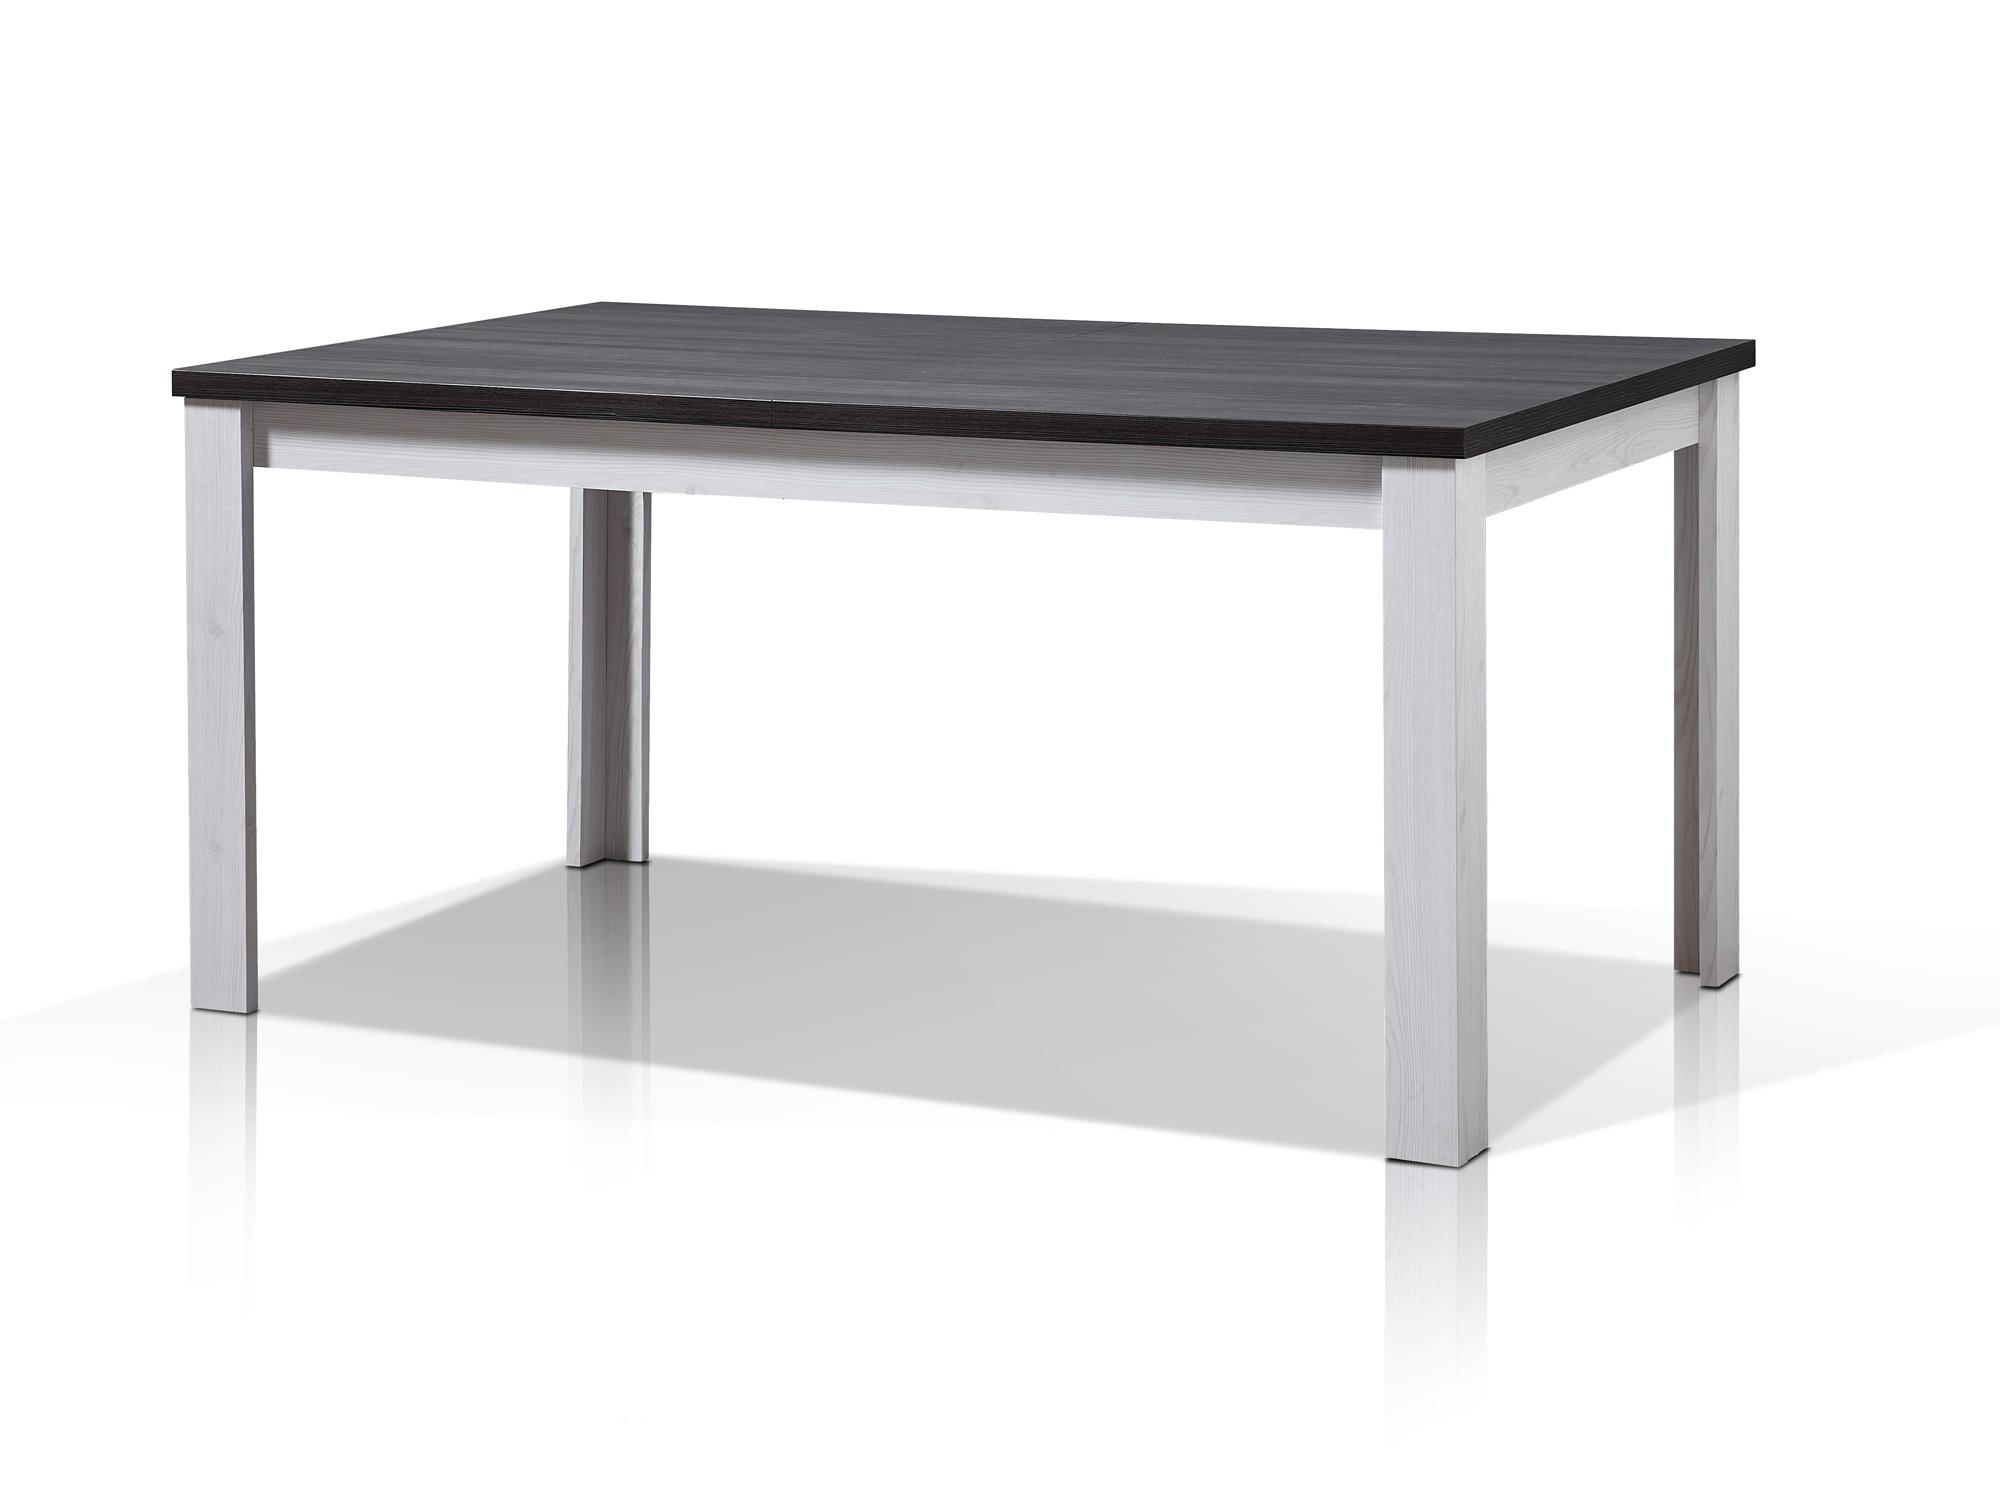 antwerpen esstisch 160 200x90 l rche pinie dunkel. Black Bedroom Furniture Sets. Home Design Ideas